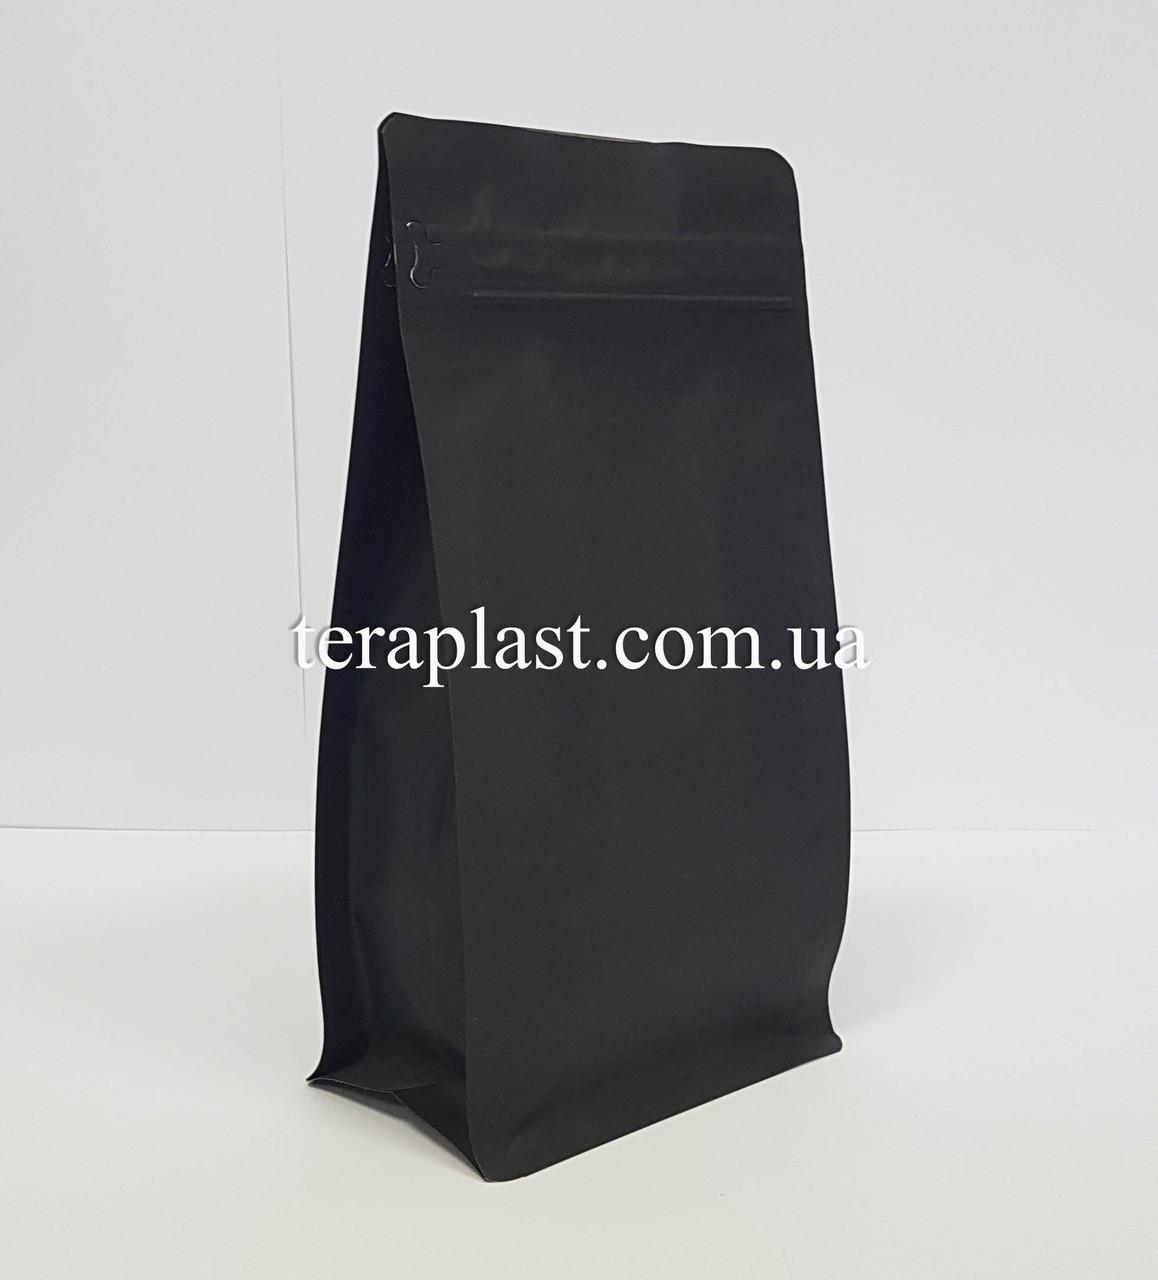 Пакет с плоским дном 500г черный 130х90х255 с боковой застежкой